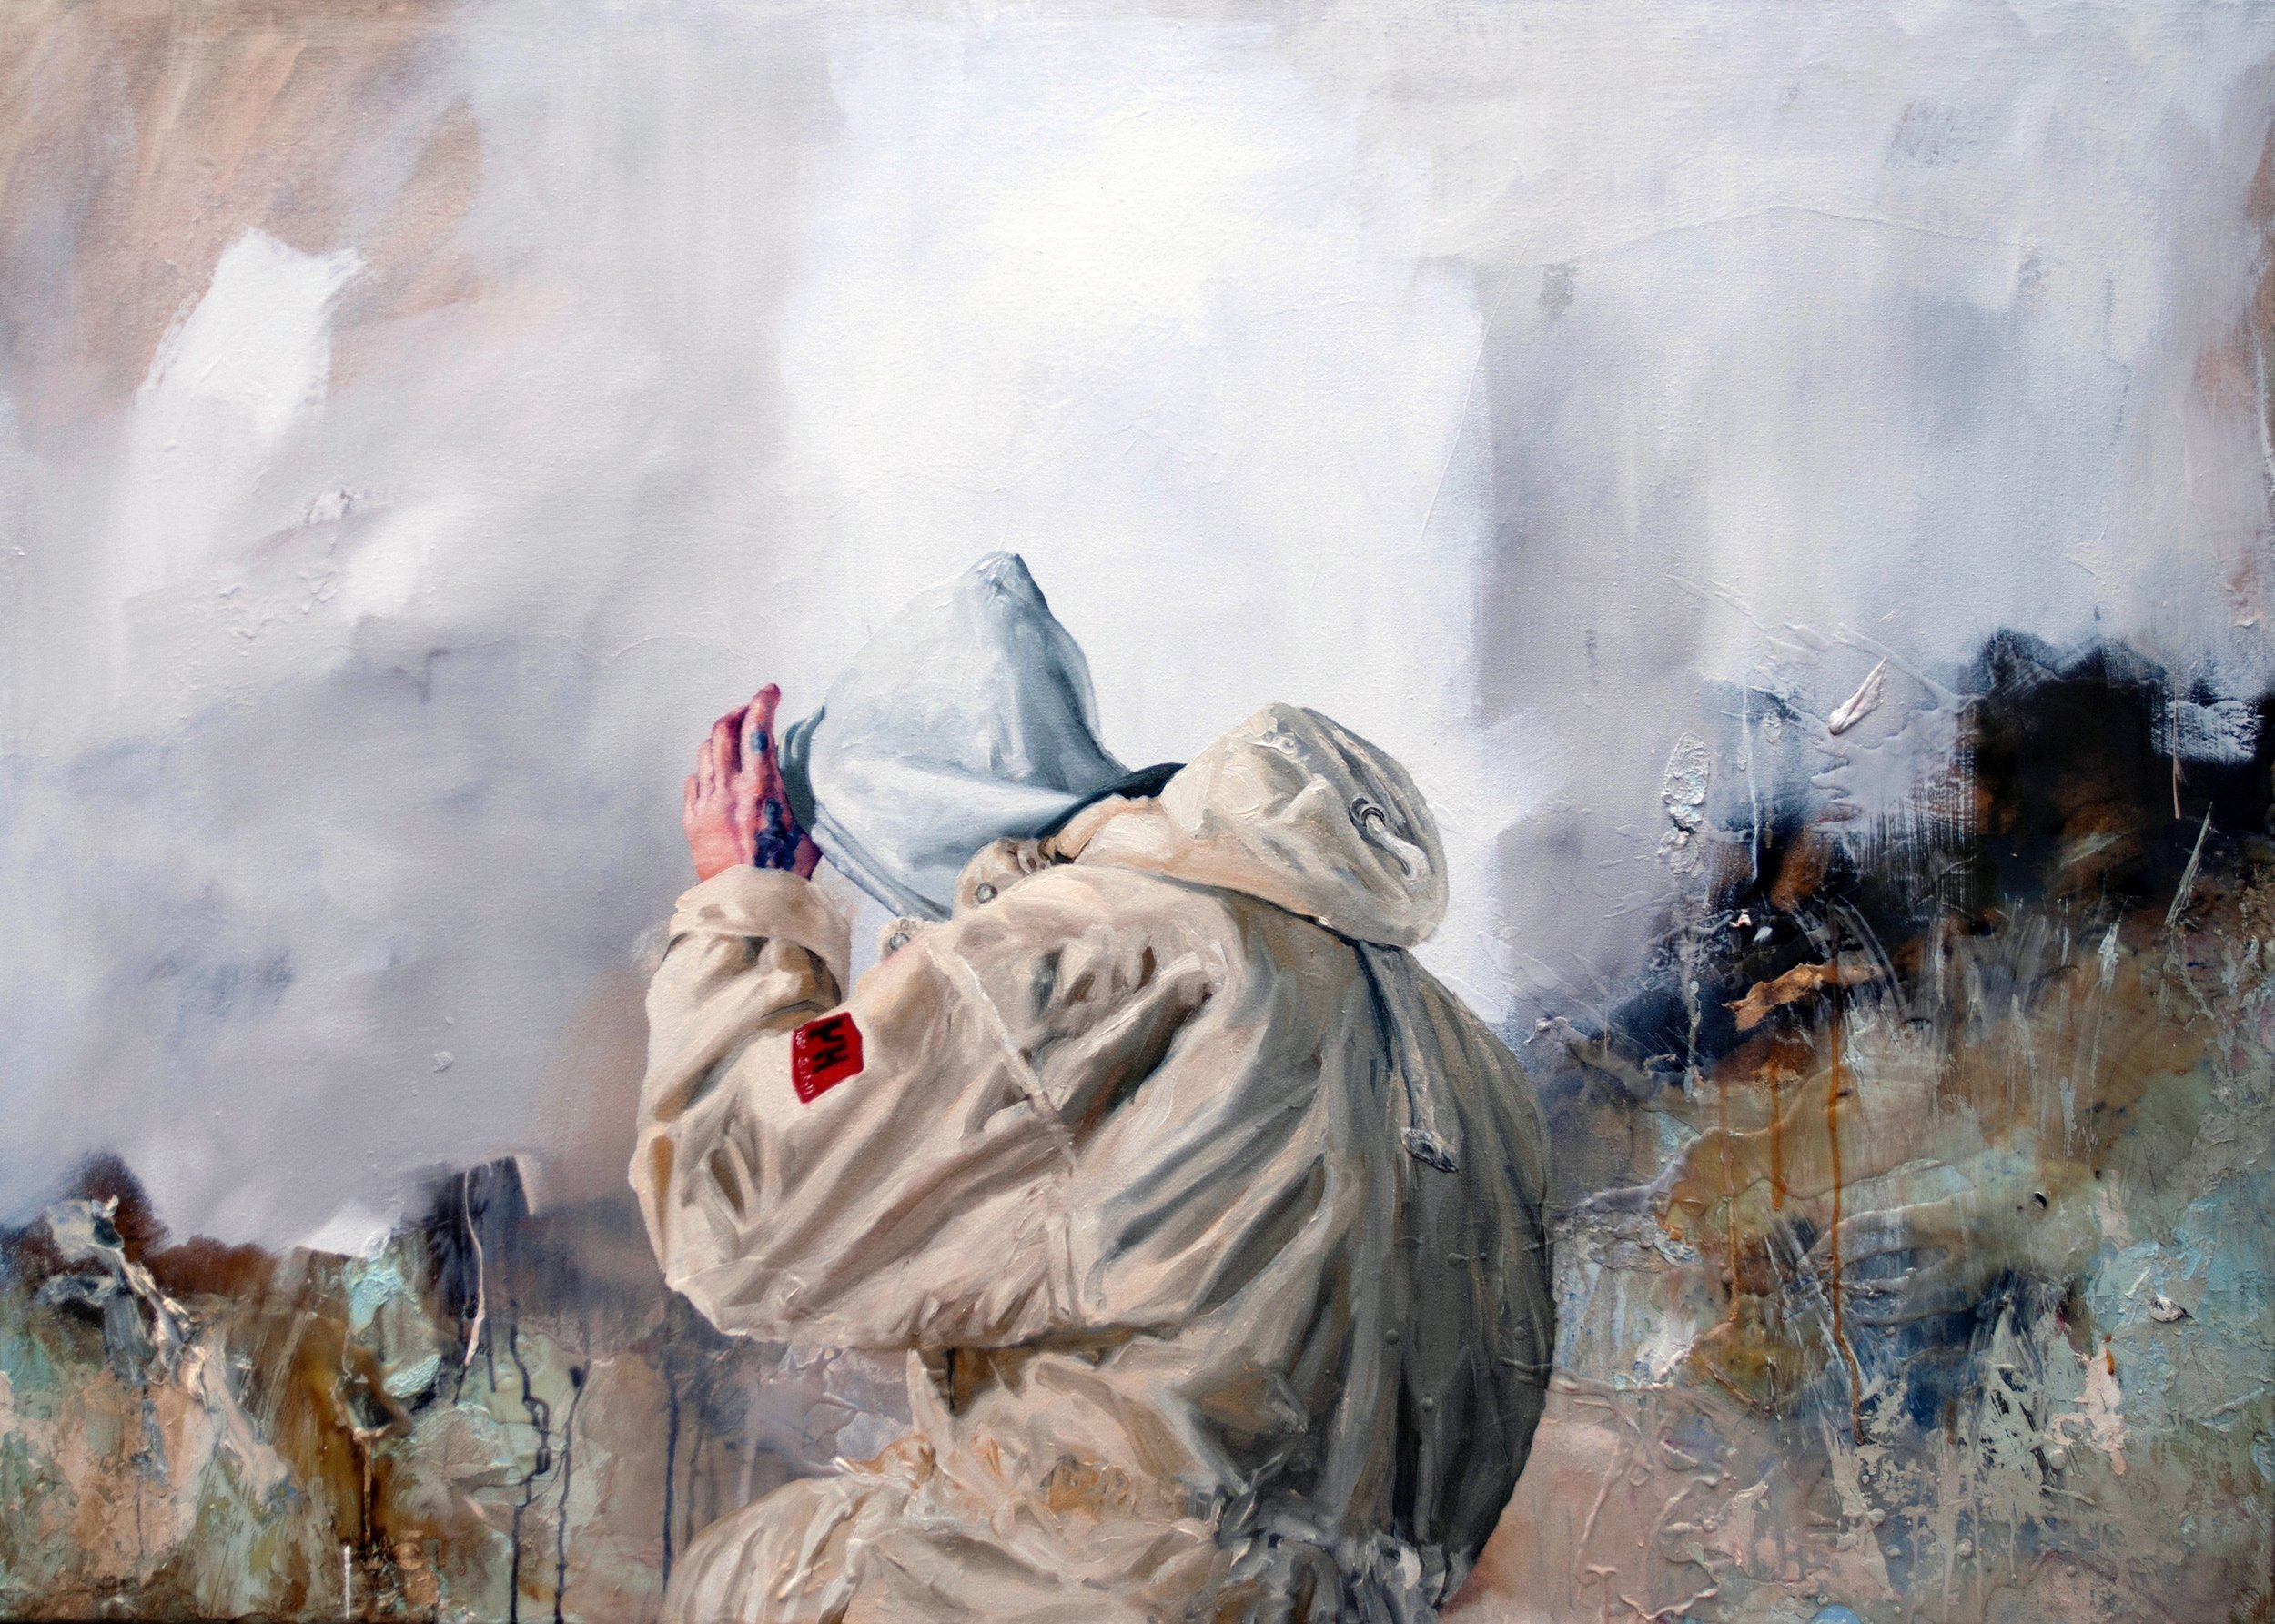 Chris Stevens, Arsenale, oil on canvas, 100 x 120 cms,  http://www.chrisstevens.co